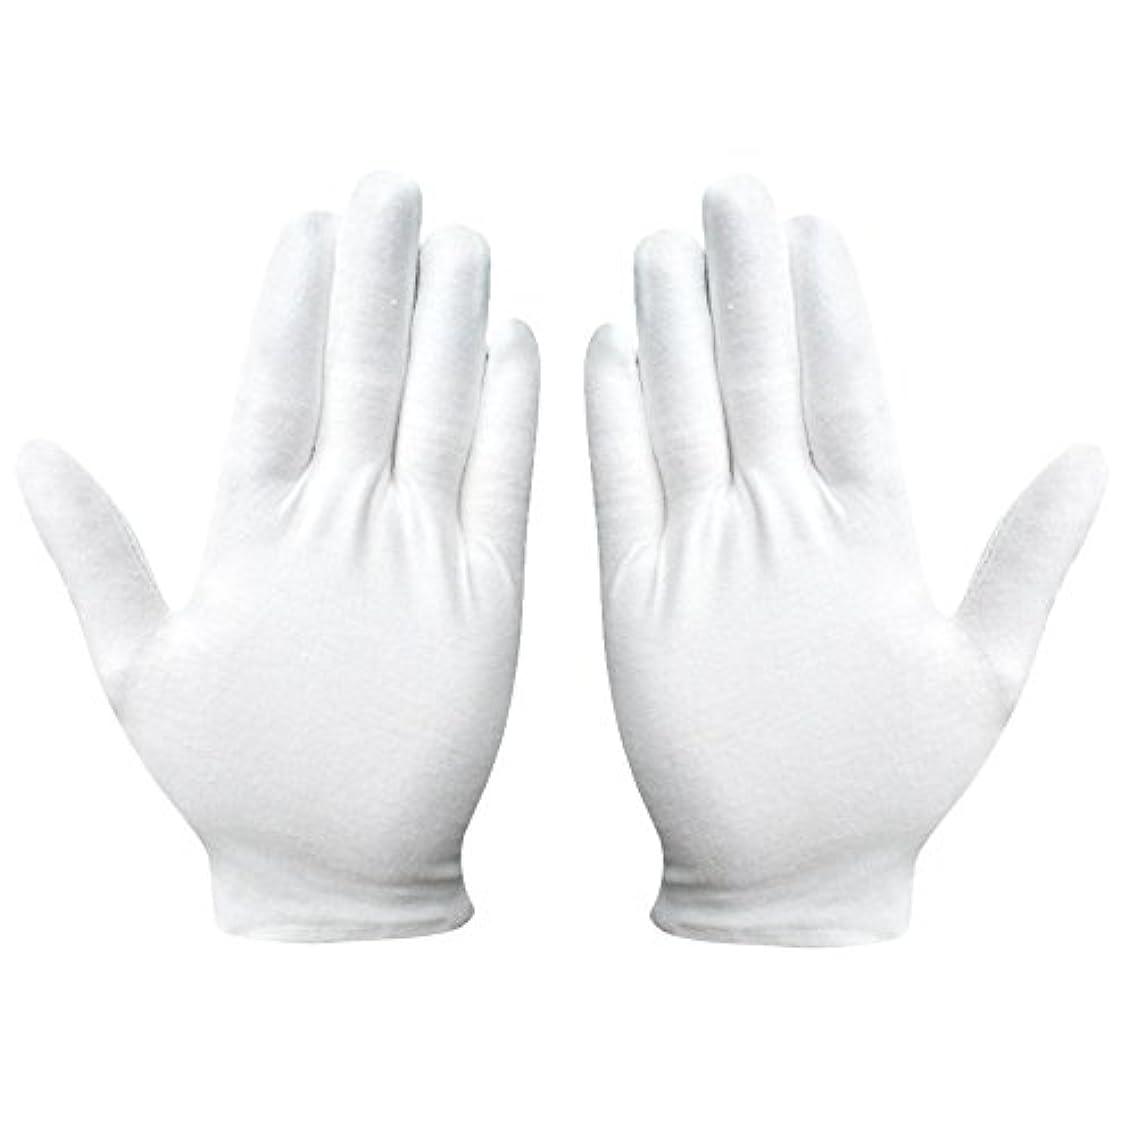 欠かせない傷つけるジョイント綿手袋 純綿 コットン手袋 白手袋 薄手 通気性 手荒れ予防 【湿疹用 乾燥肌用 保湿用 礼装用】12双組